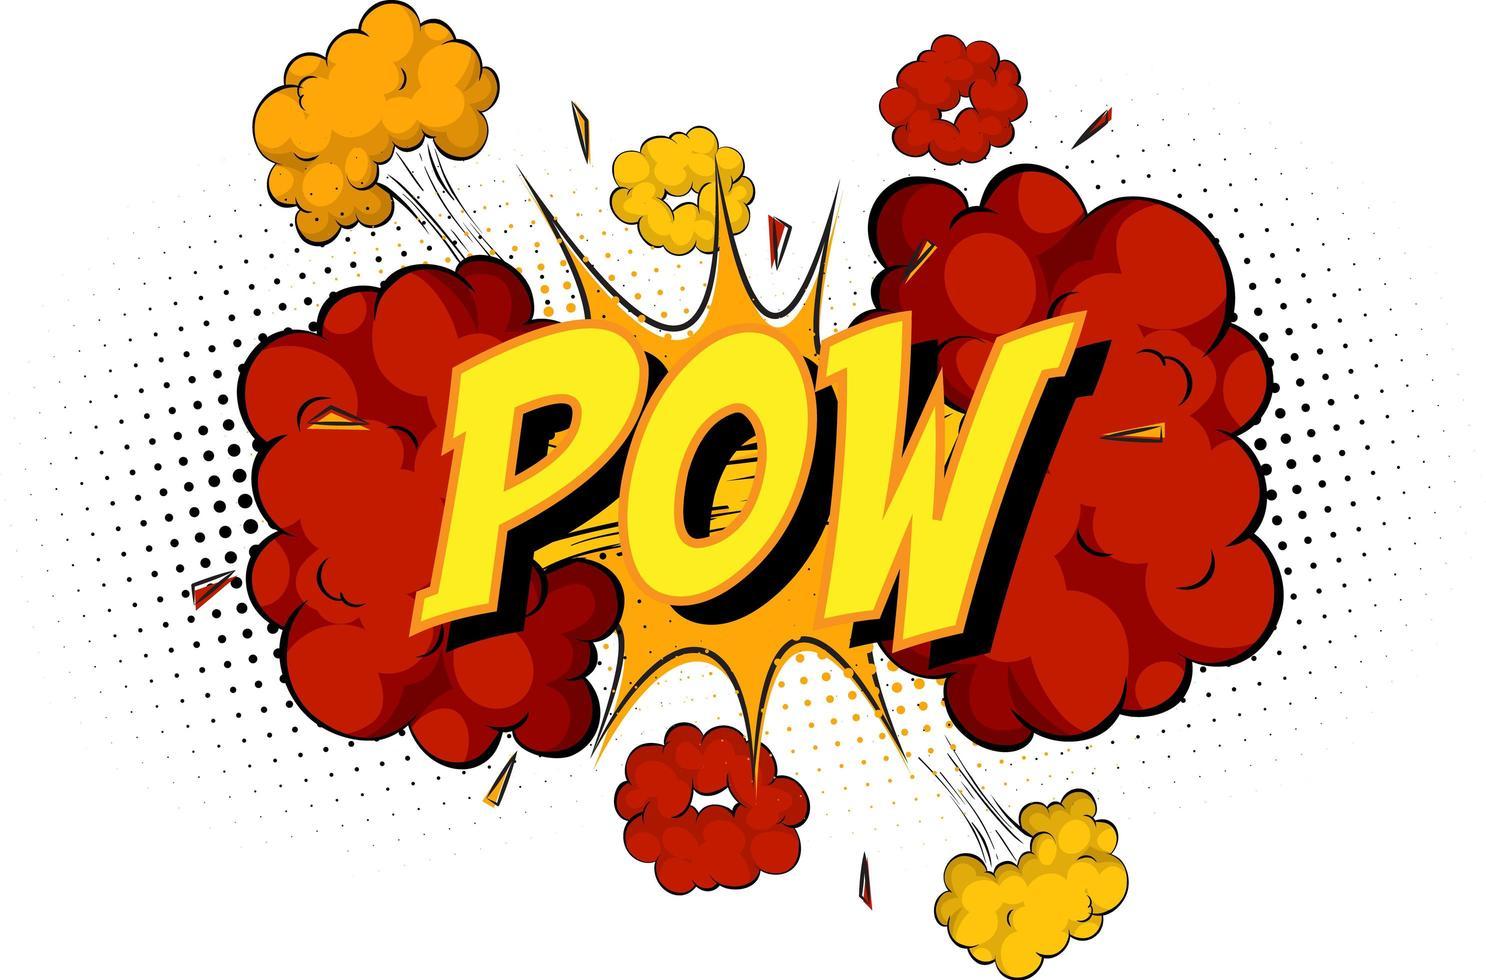 woord pow op komische wolk explosie achtergrond vector